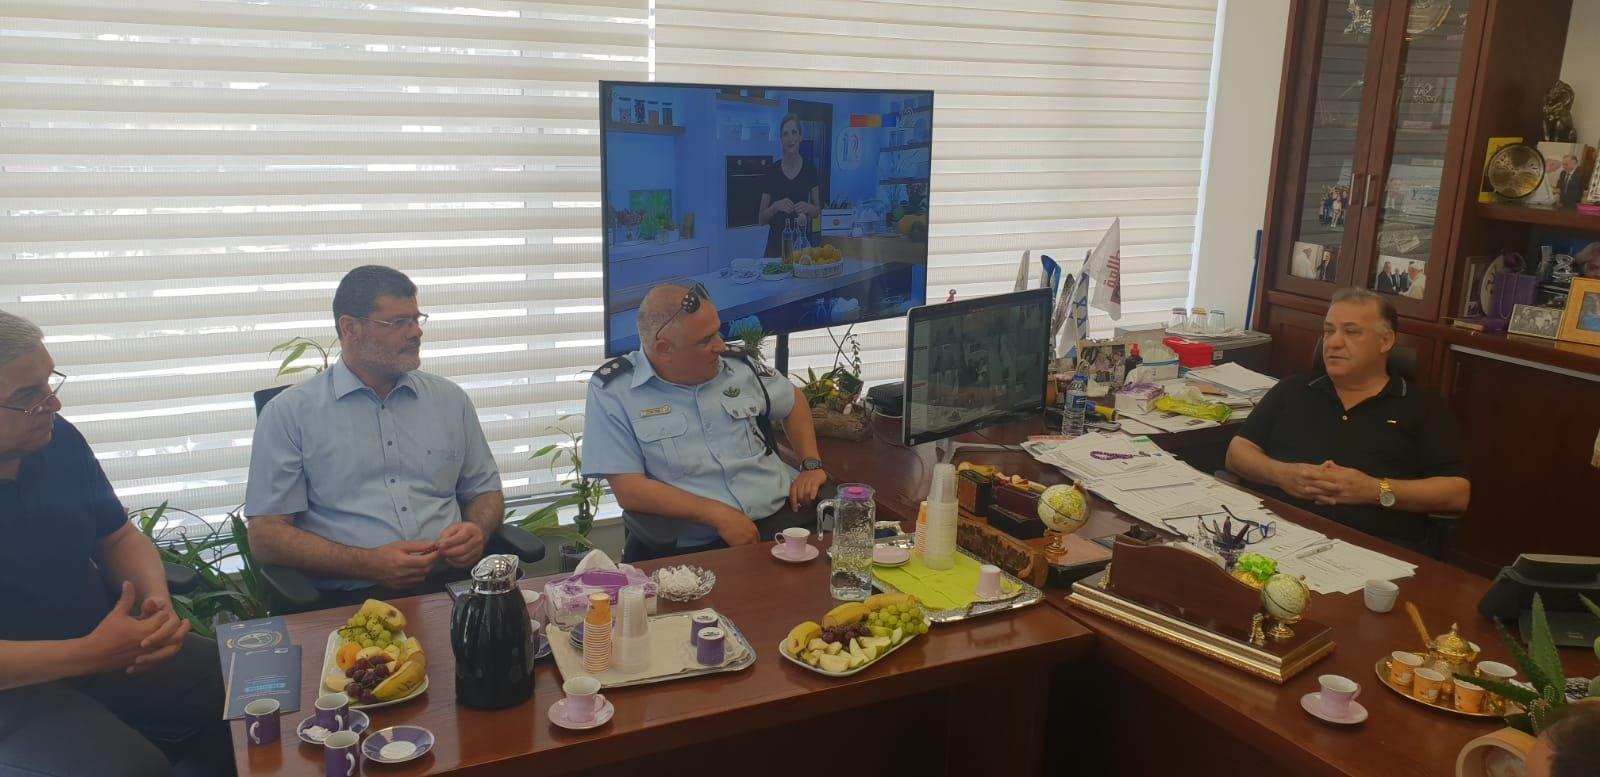 رئيس بلدية الناصرة يجتمع بقائد شرطة الناصرة الجديد